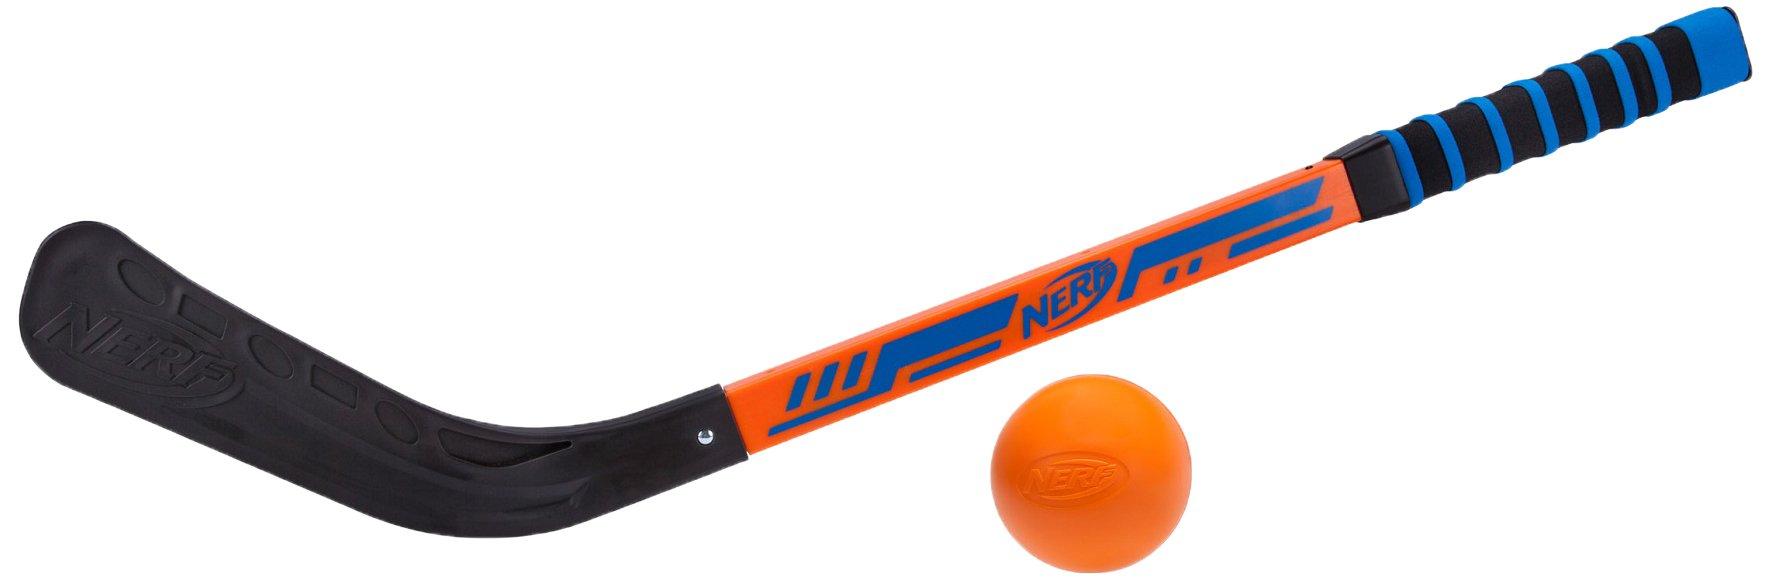 Nerf Sports Challenge Street Hockey by NERF